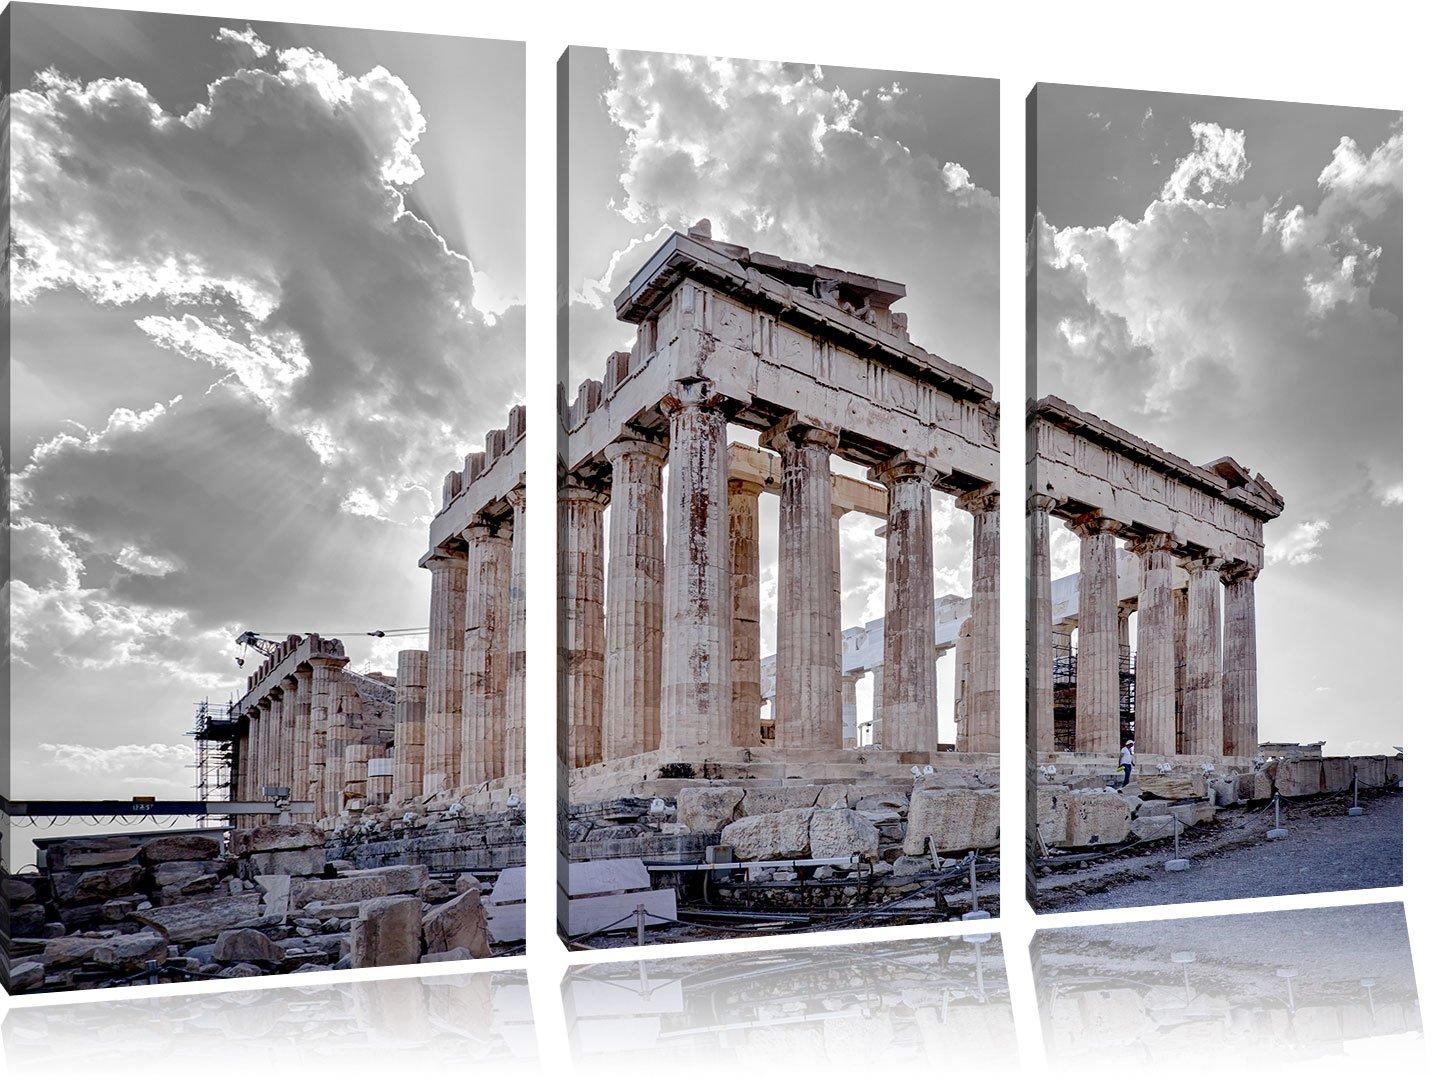 Propyläe von Akropolis in Athen schwarz weiß 3-Teiler Leinwandbild 120x80 Bild auf Leinwand, XXL riesige Bilder fertig gerahmt mit Keilrahmen, Kunstdruck auf Wandbild mit Rahmen, gänstiger als Gemälde oder Ölbild, kein Poster ode